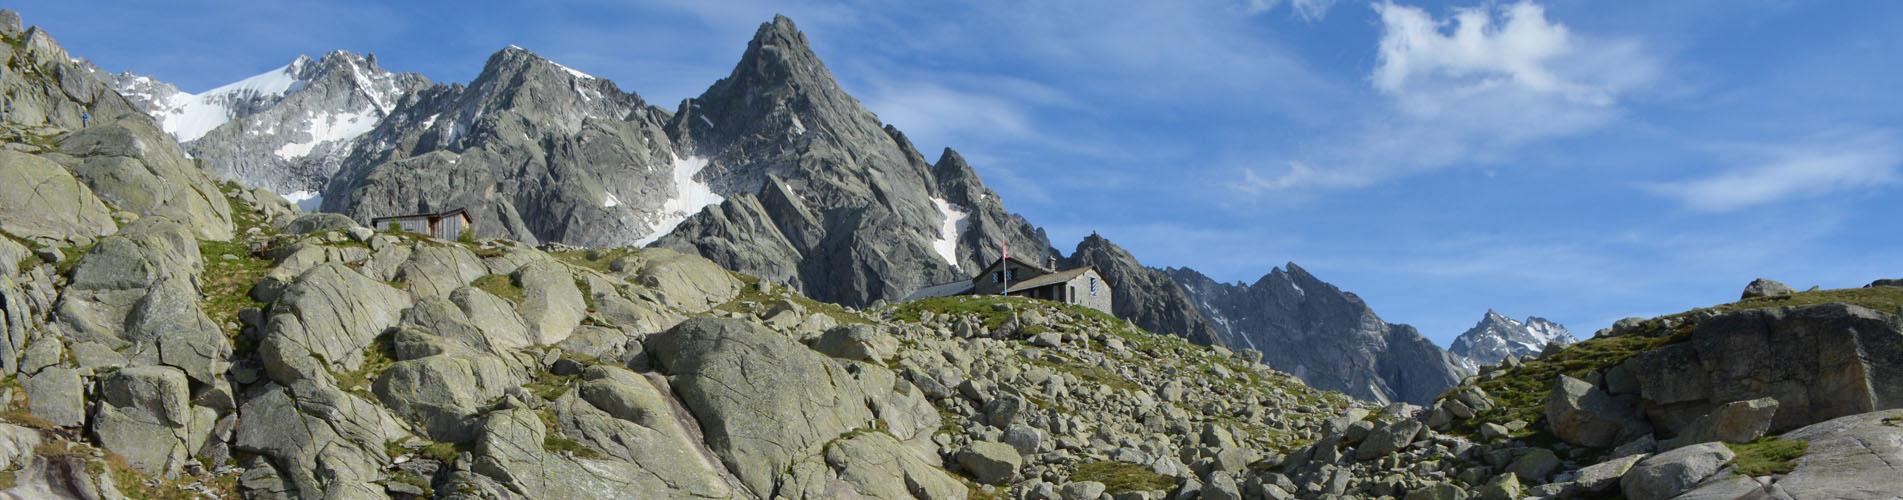 Wandern im Bergell / Val Bregaglia: Bergeller Höhenweg La Panoramica, Via Sett, Maloja, Stampa, Promontogno, Bondo, Casaccia, Soglio uvm. Entdecke die schönsten Wanderungen!